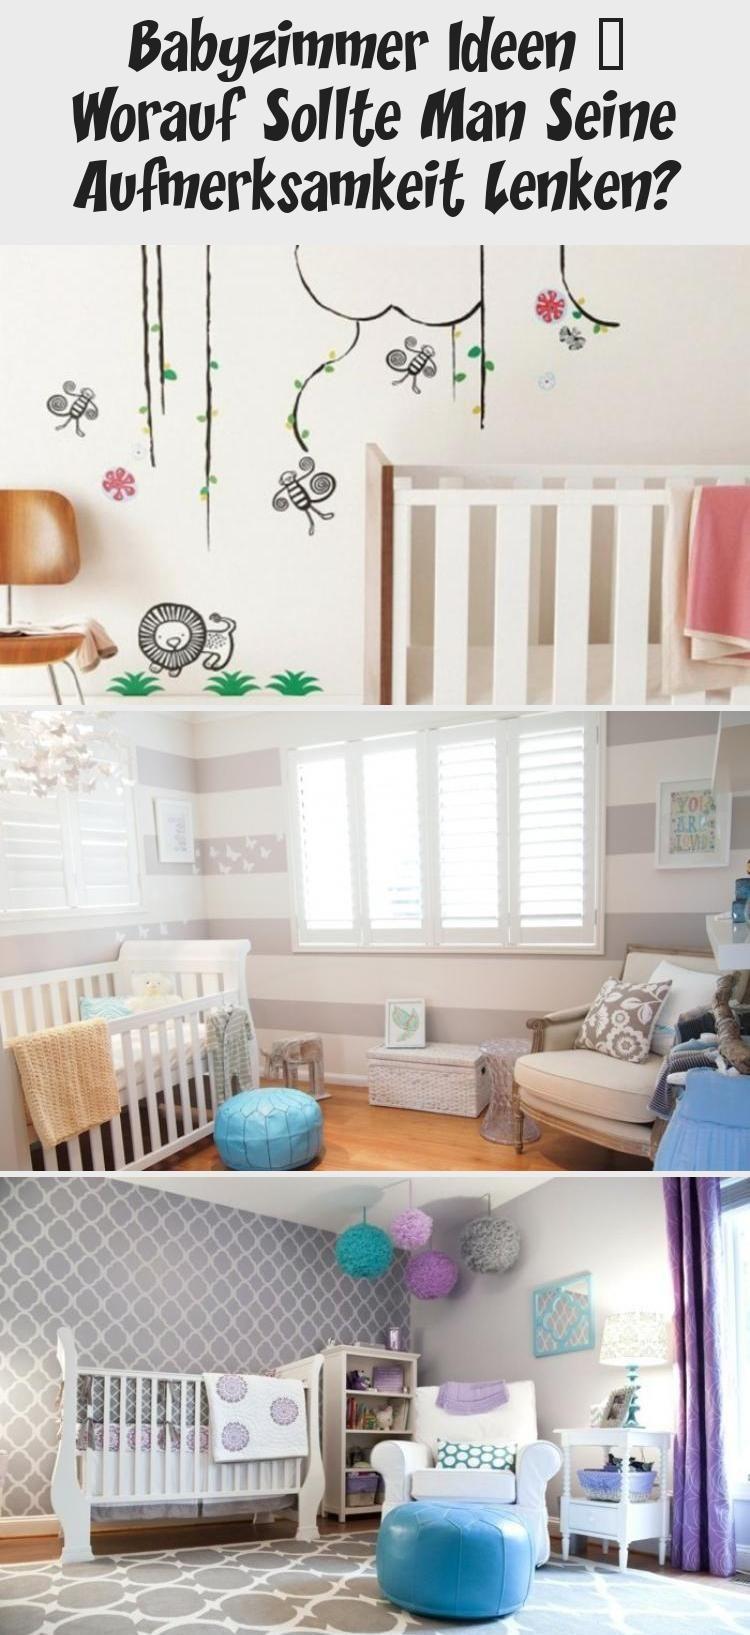 Ideen Fur Babyzimmer Worauf Sollten Sie Ihre Aufmerksamkeit